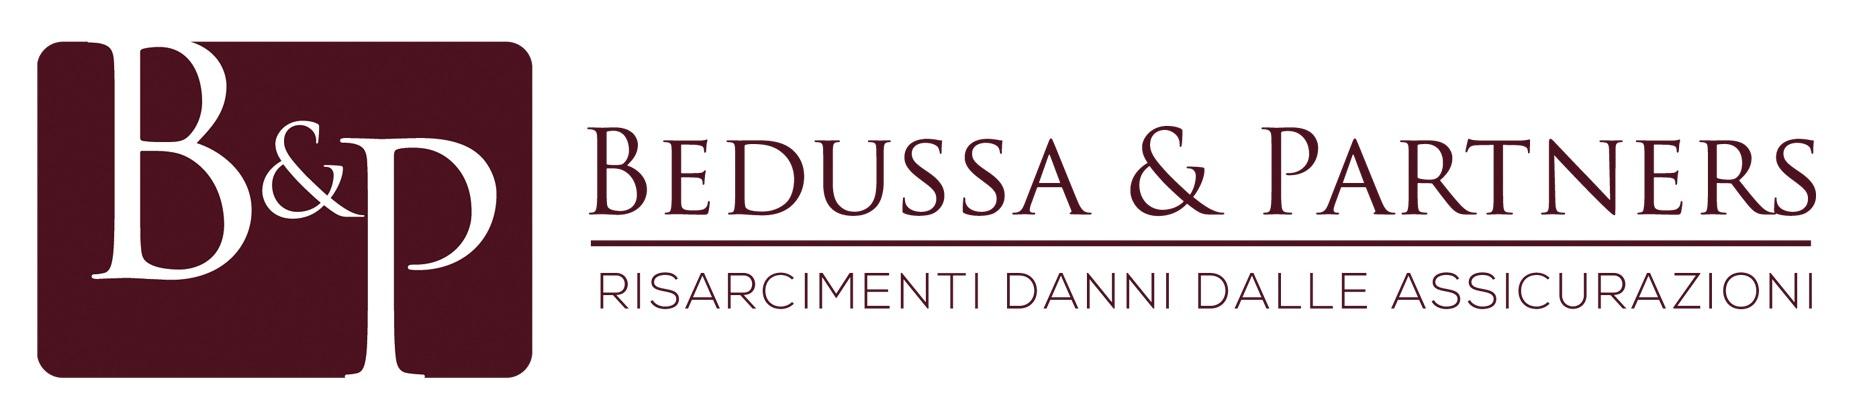 Bedussa & Partners Logo